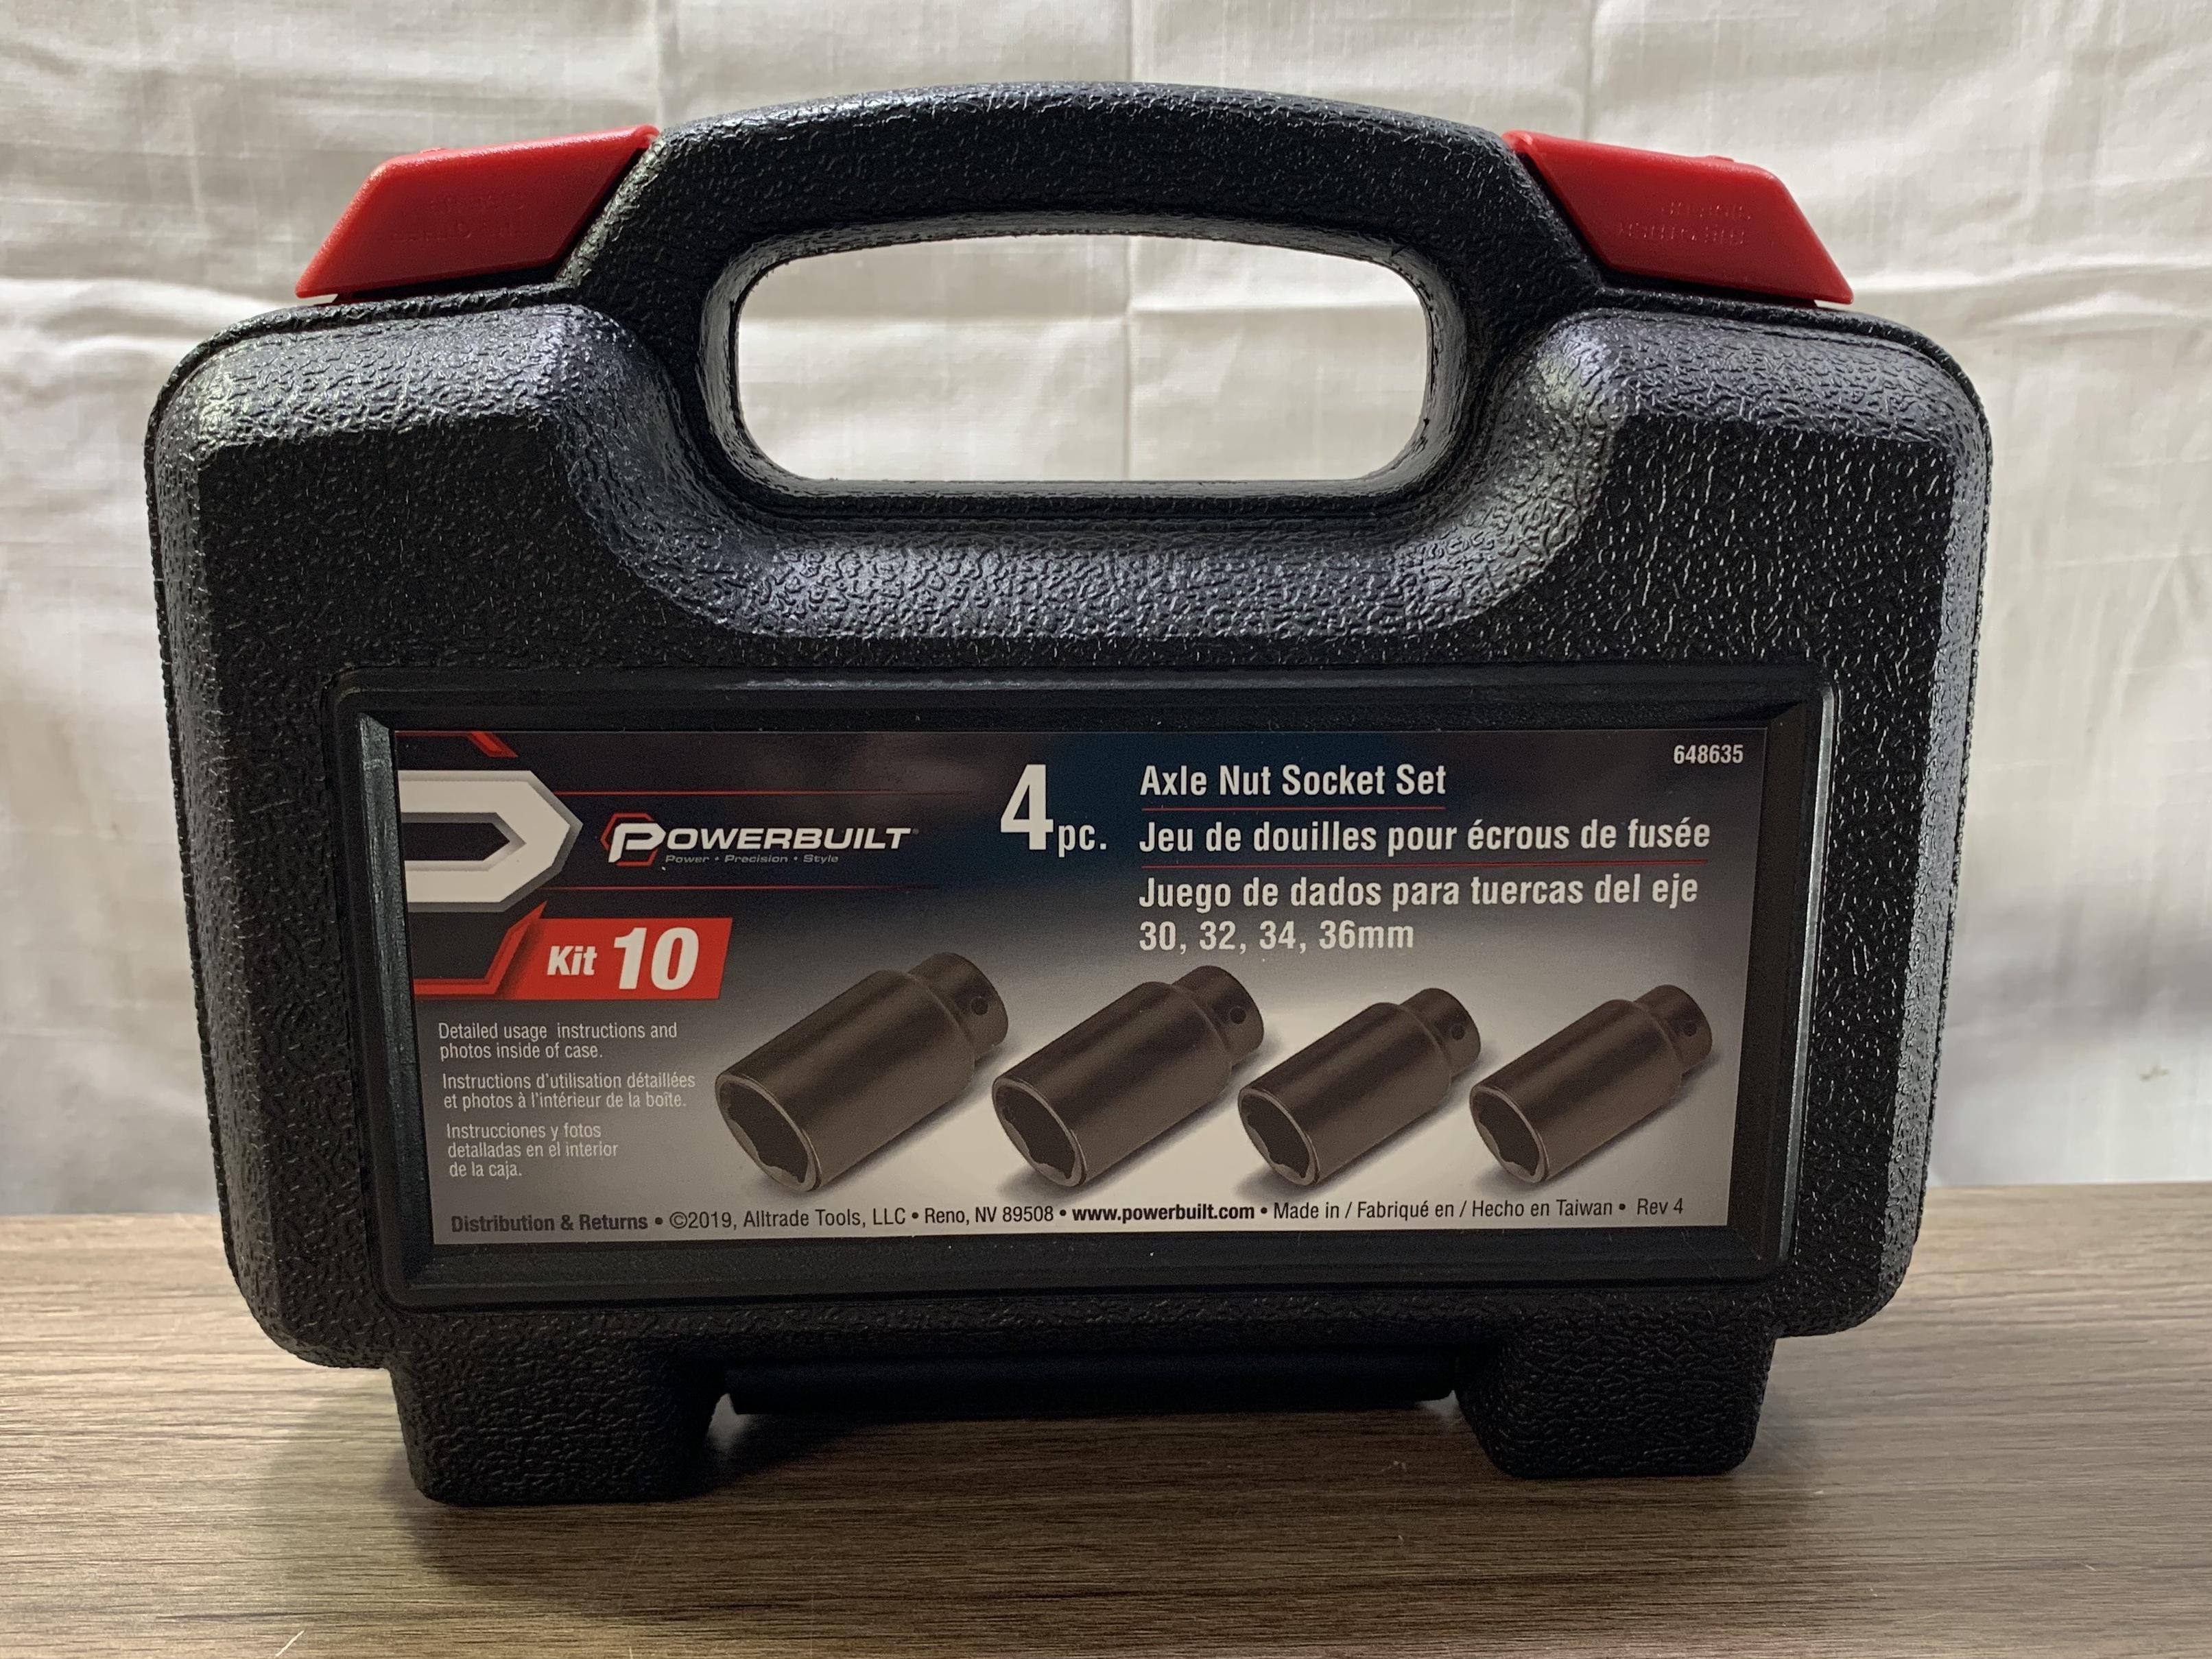 Powerbuilt 648635 Axle Nut Socket Kit